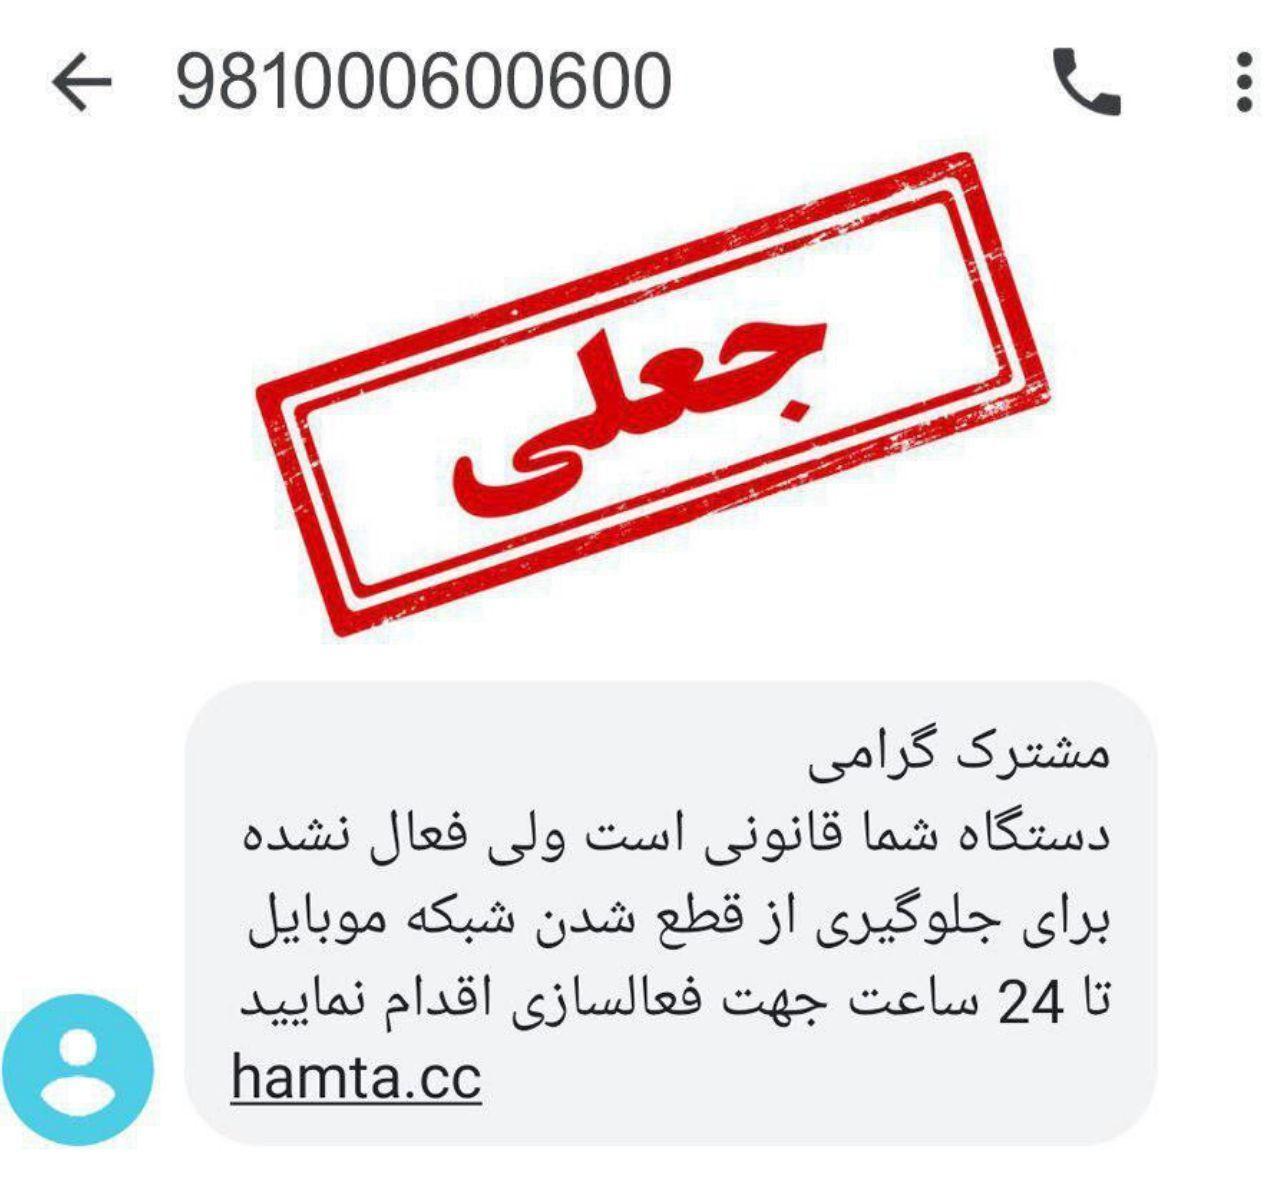 کلاهبرداری از مشترکان تلفن همراه با هدایت به سایت همتا